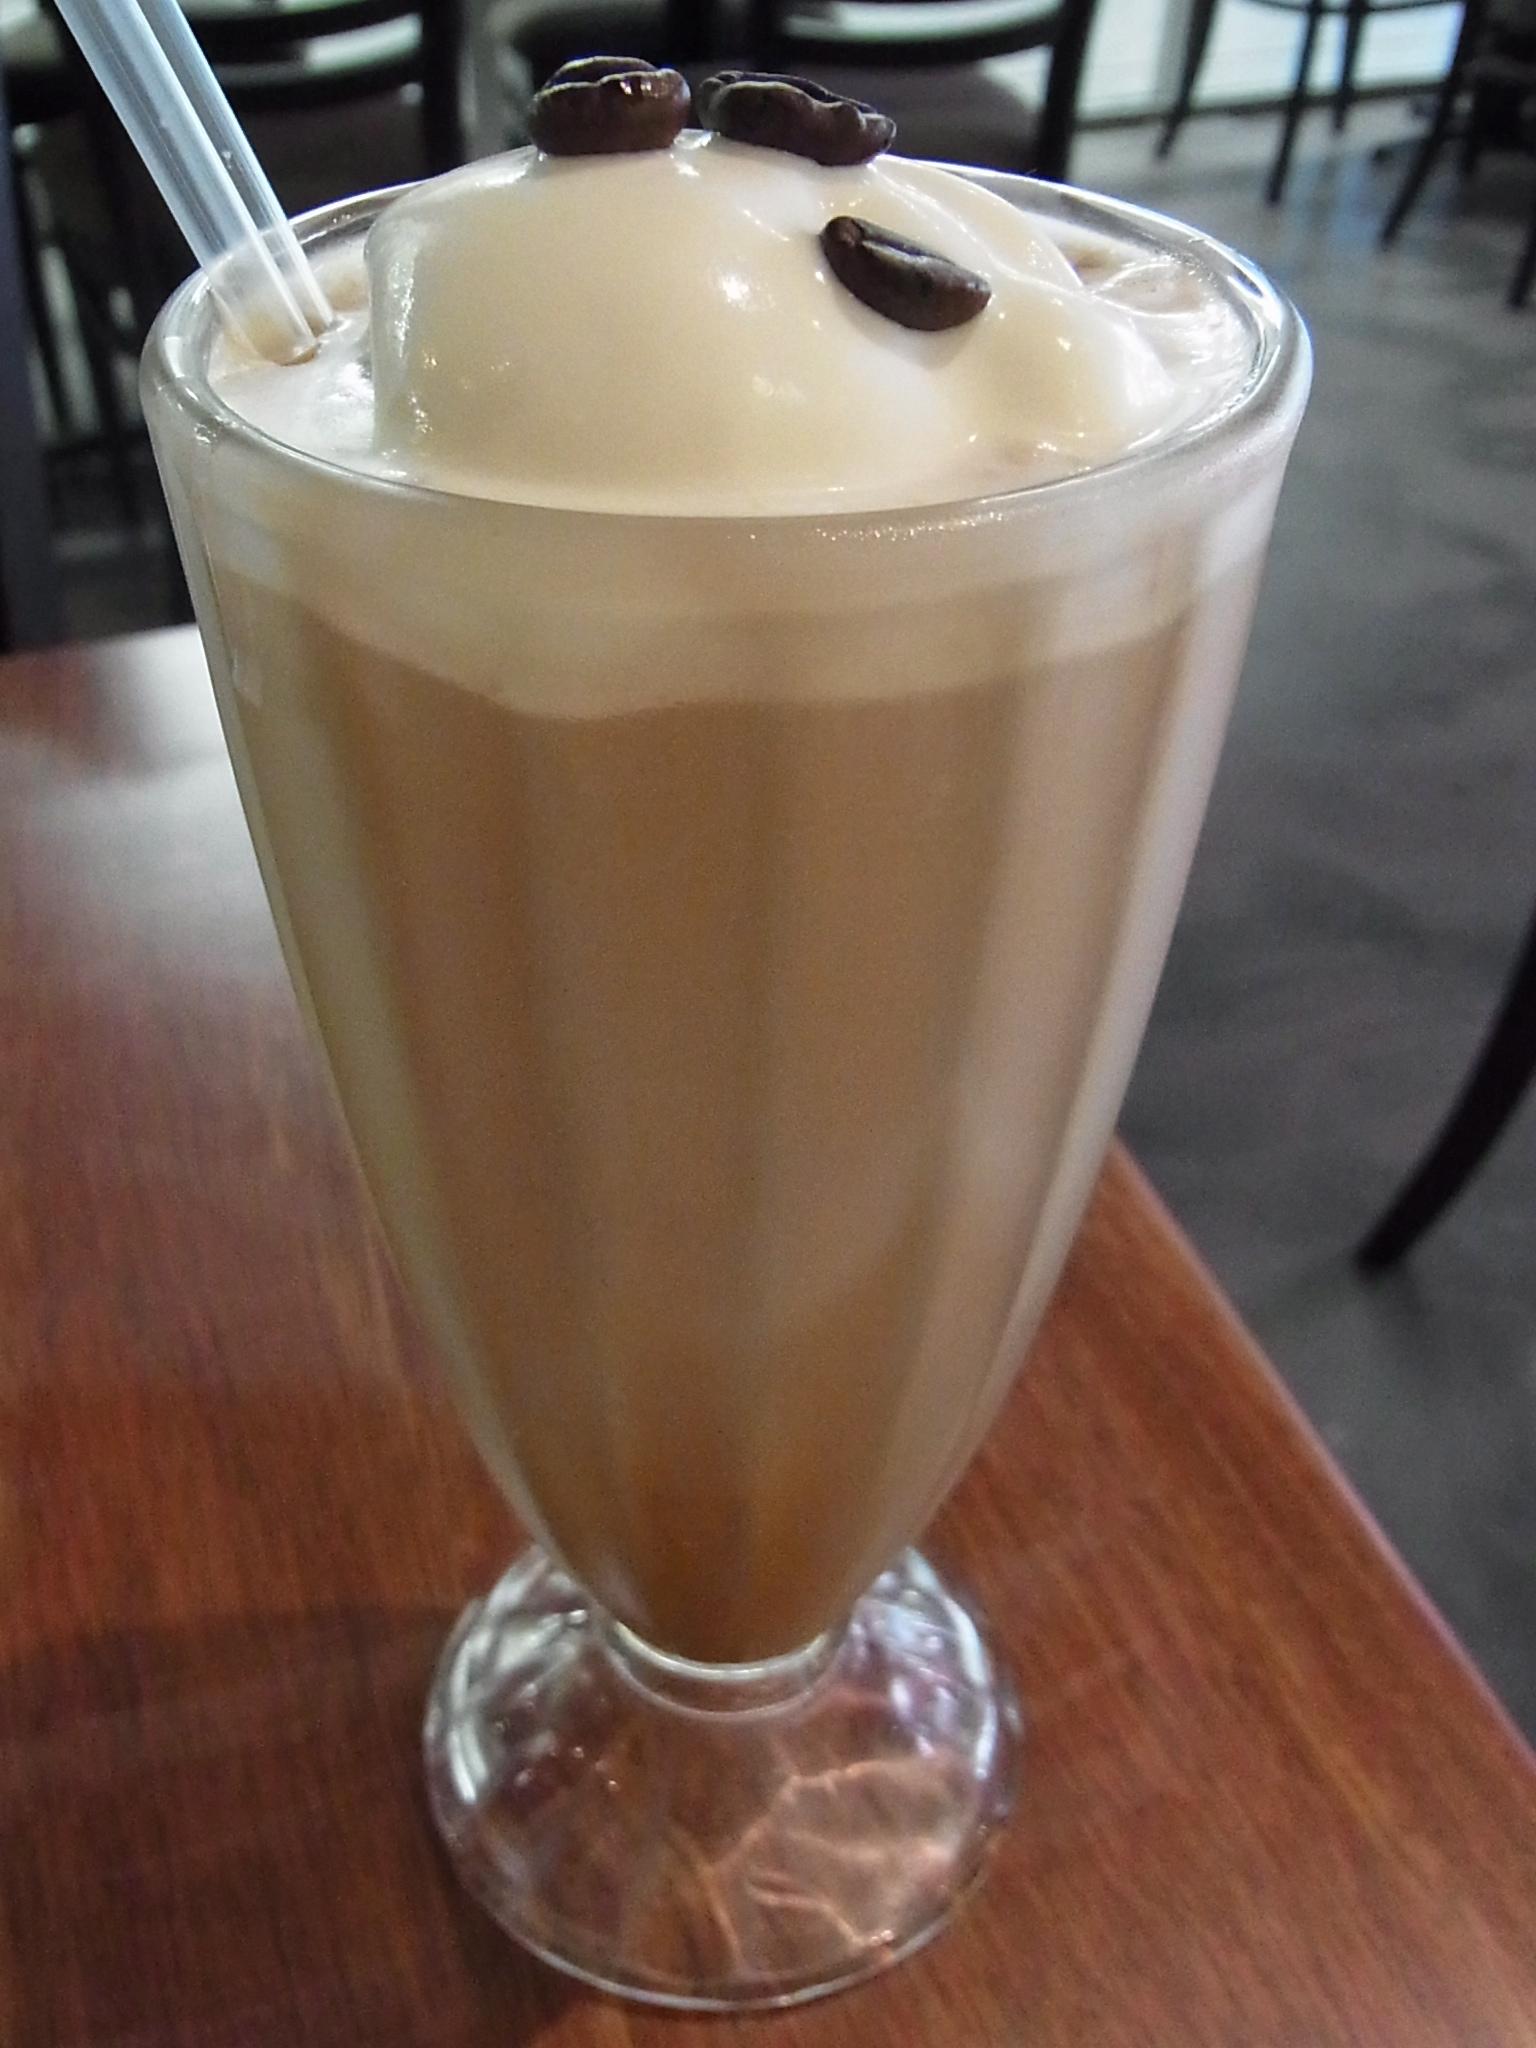 <p>エスプレッソやチョコレートなどの、ベーシックなカフェメニューはもちろん、 フレッシュジュースやスムージーなどの種類も充実しています。 (写真はアイスカフェモカ)</p>